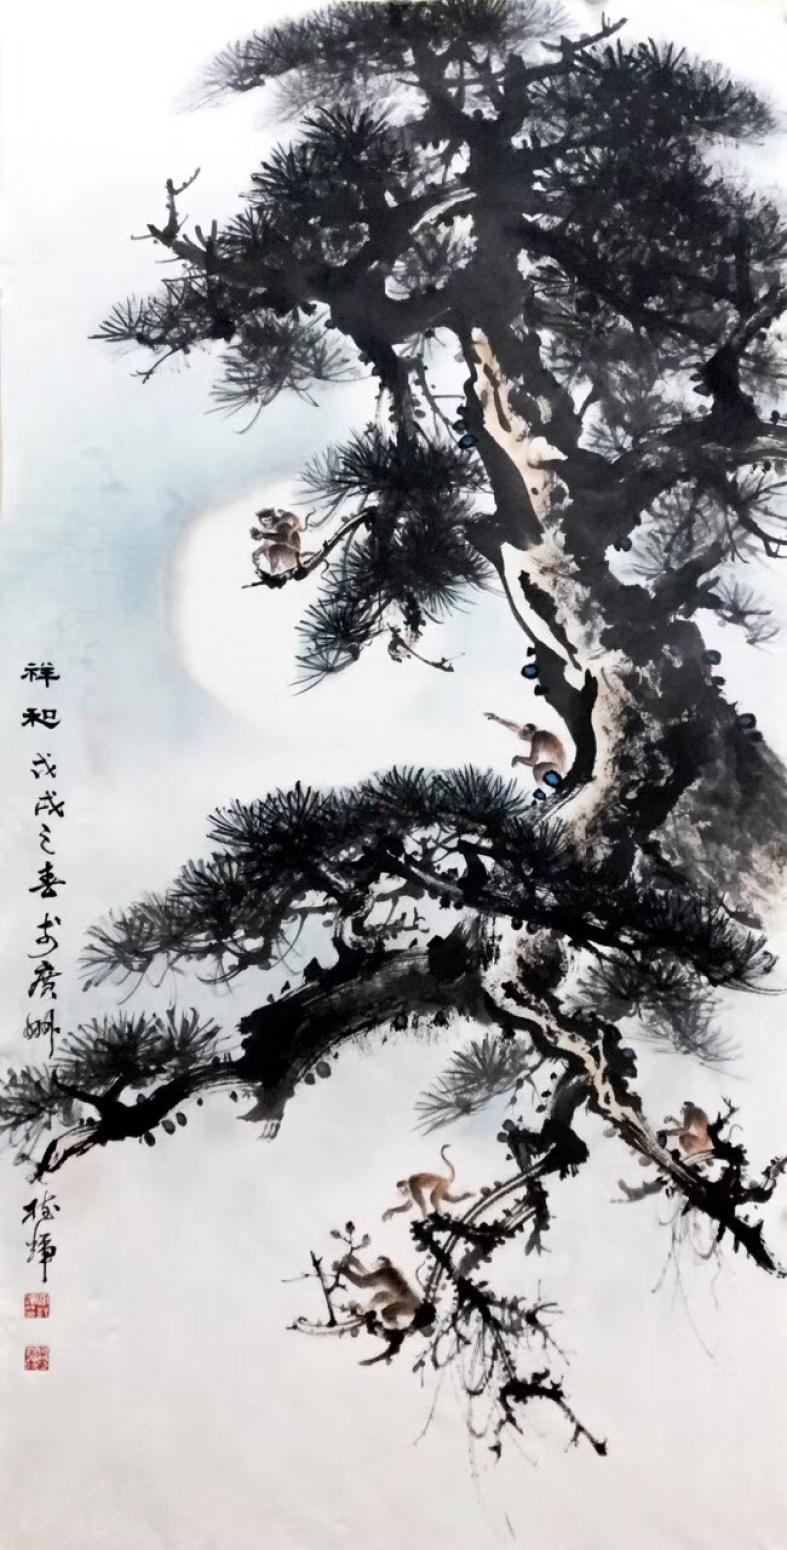 罗树辉国画作品《松树猴子-祥和》